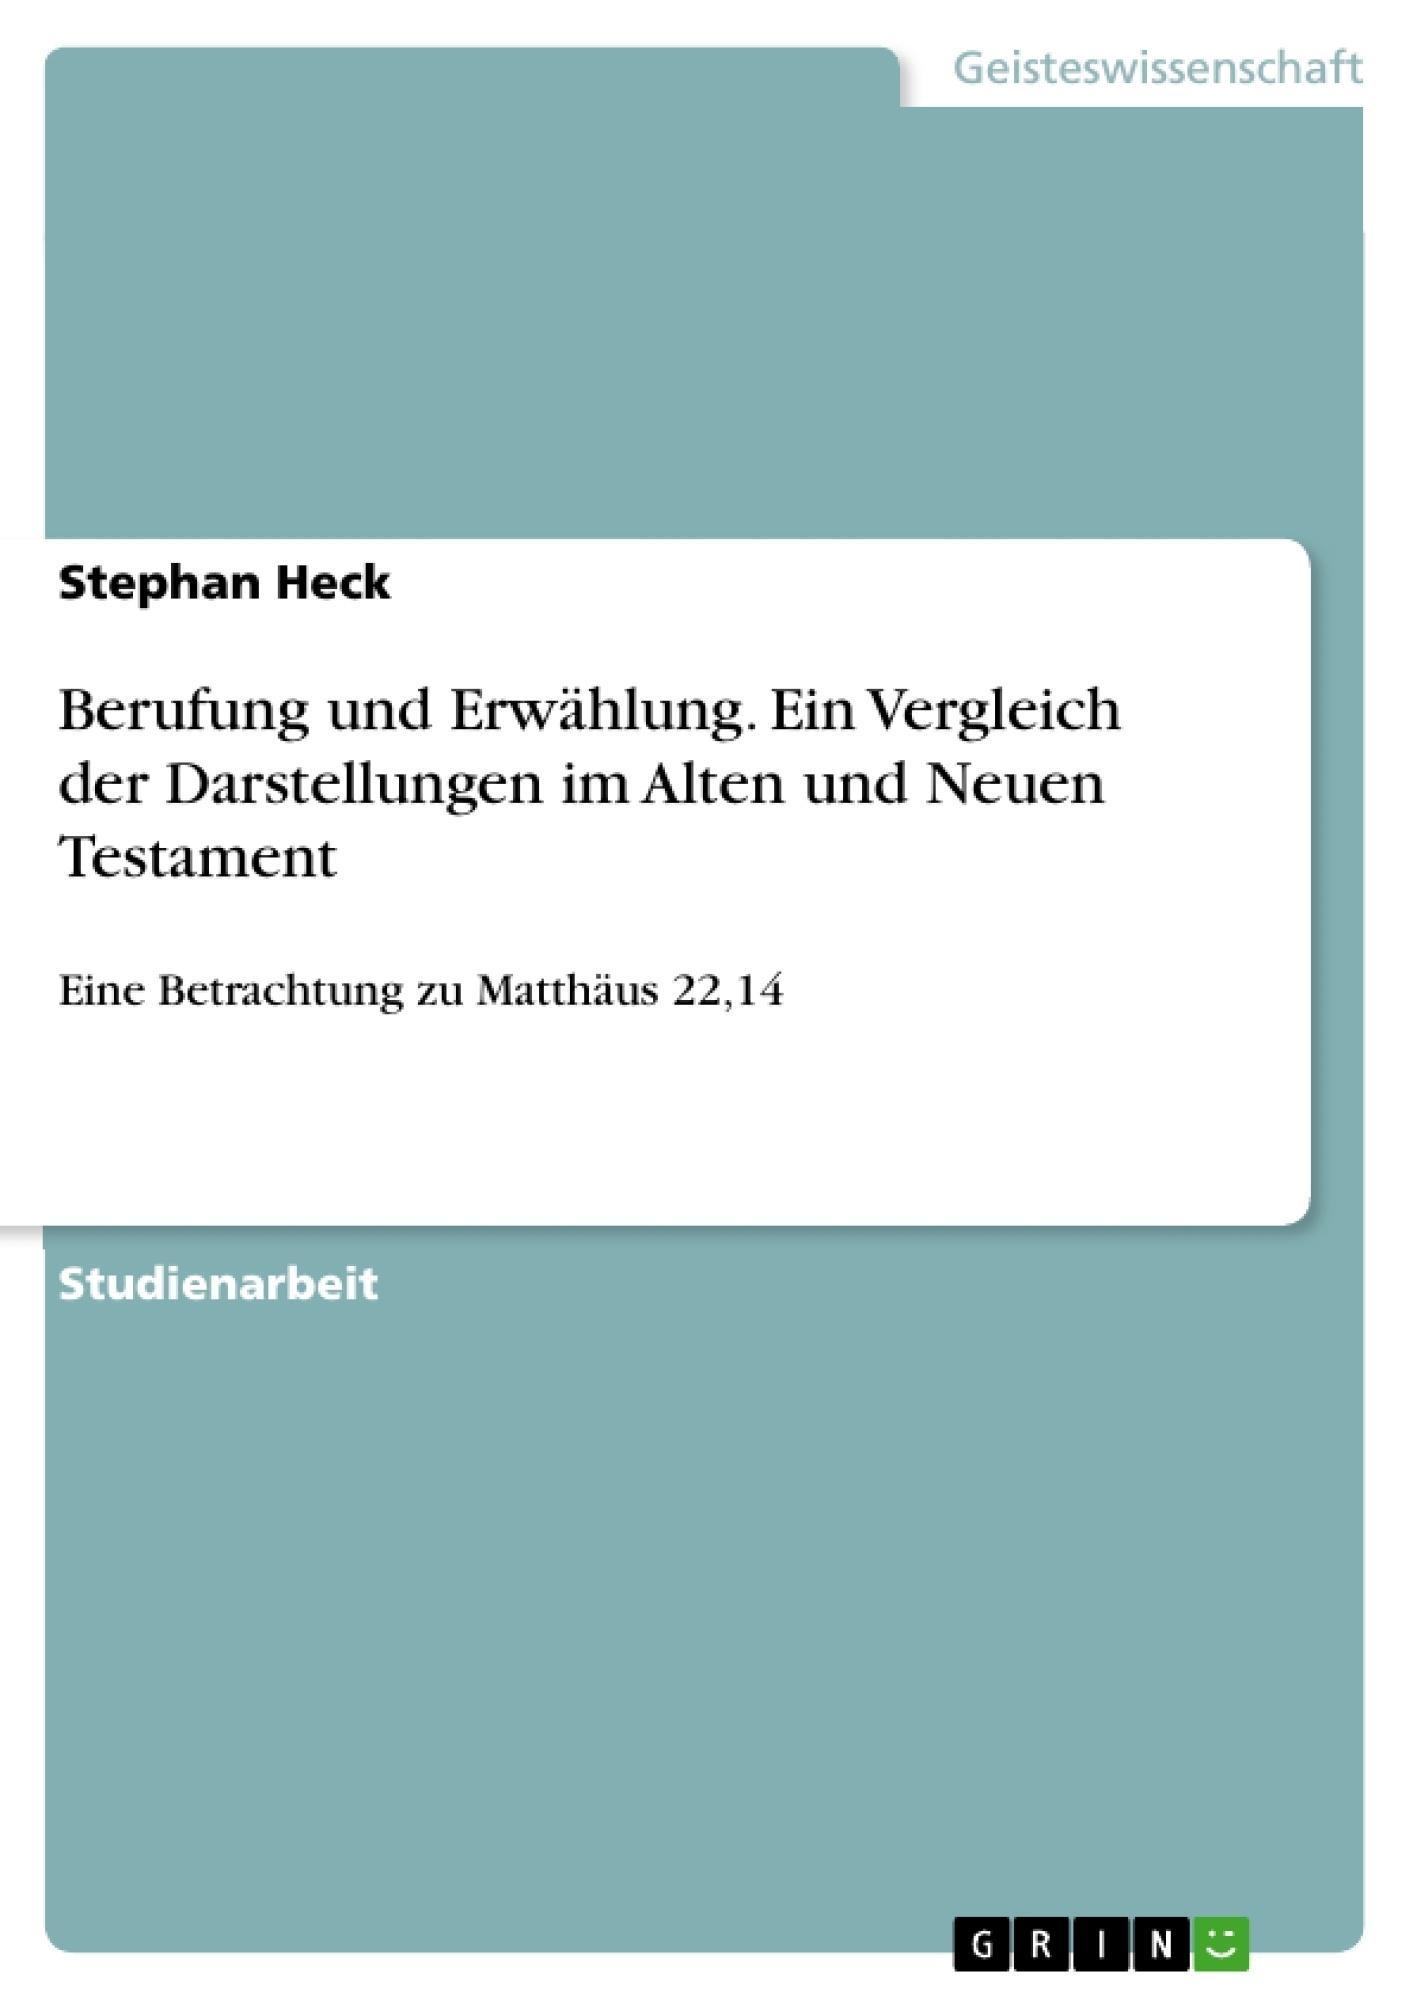 Titel: Berufung und Erwählung. Ein Vergleich der Darstellungen im Alten und Neuen Testament